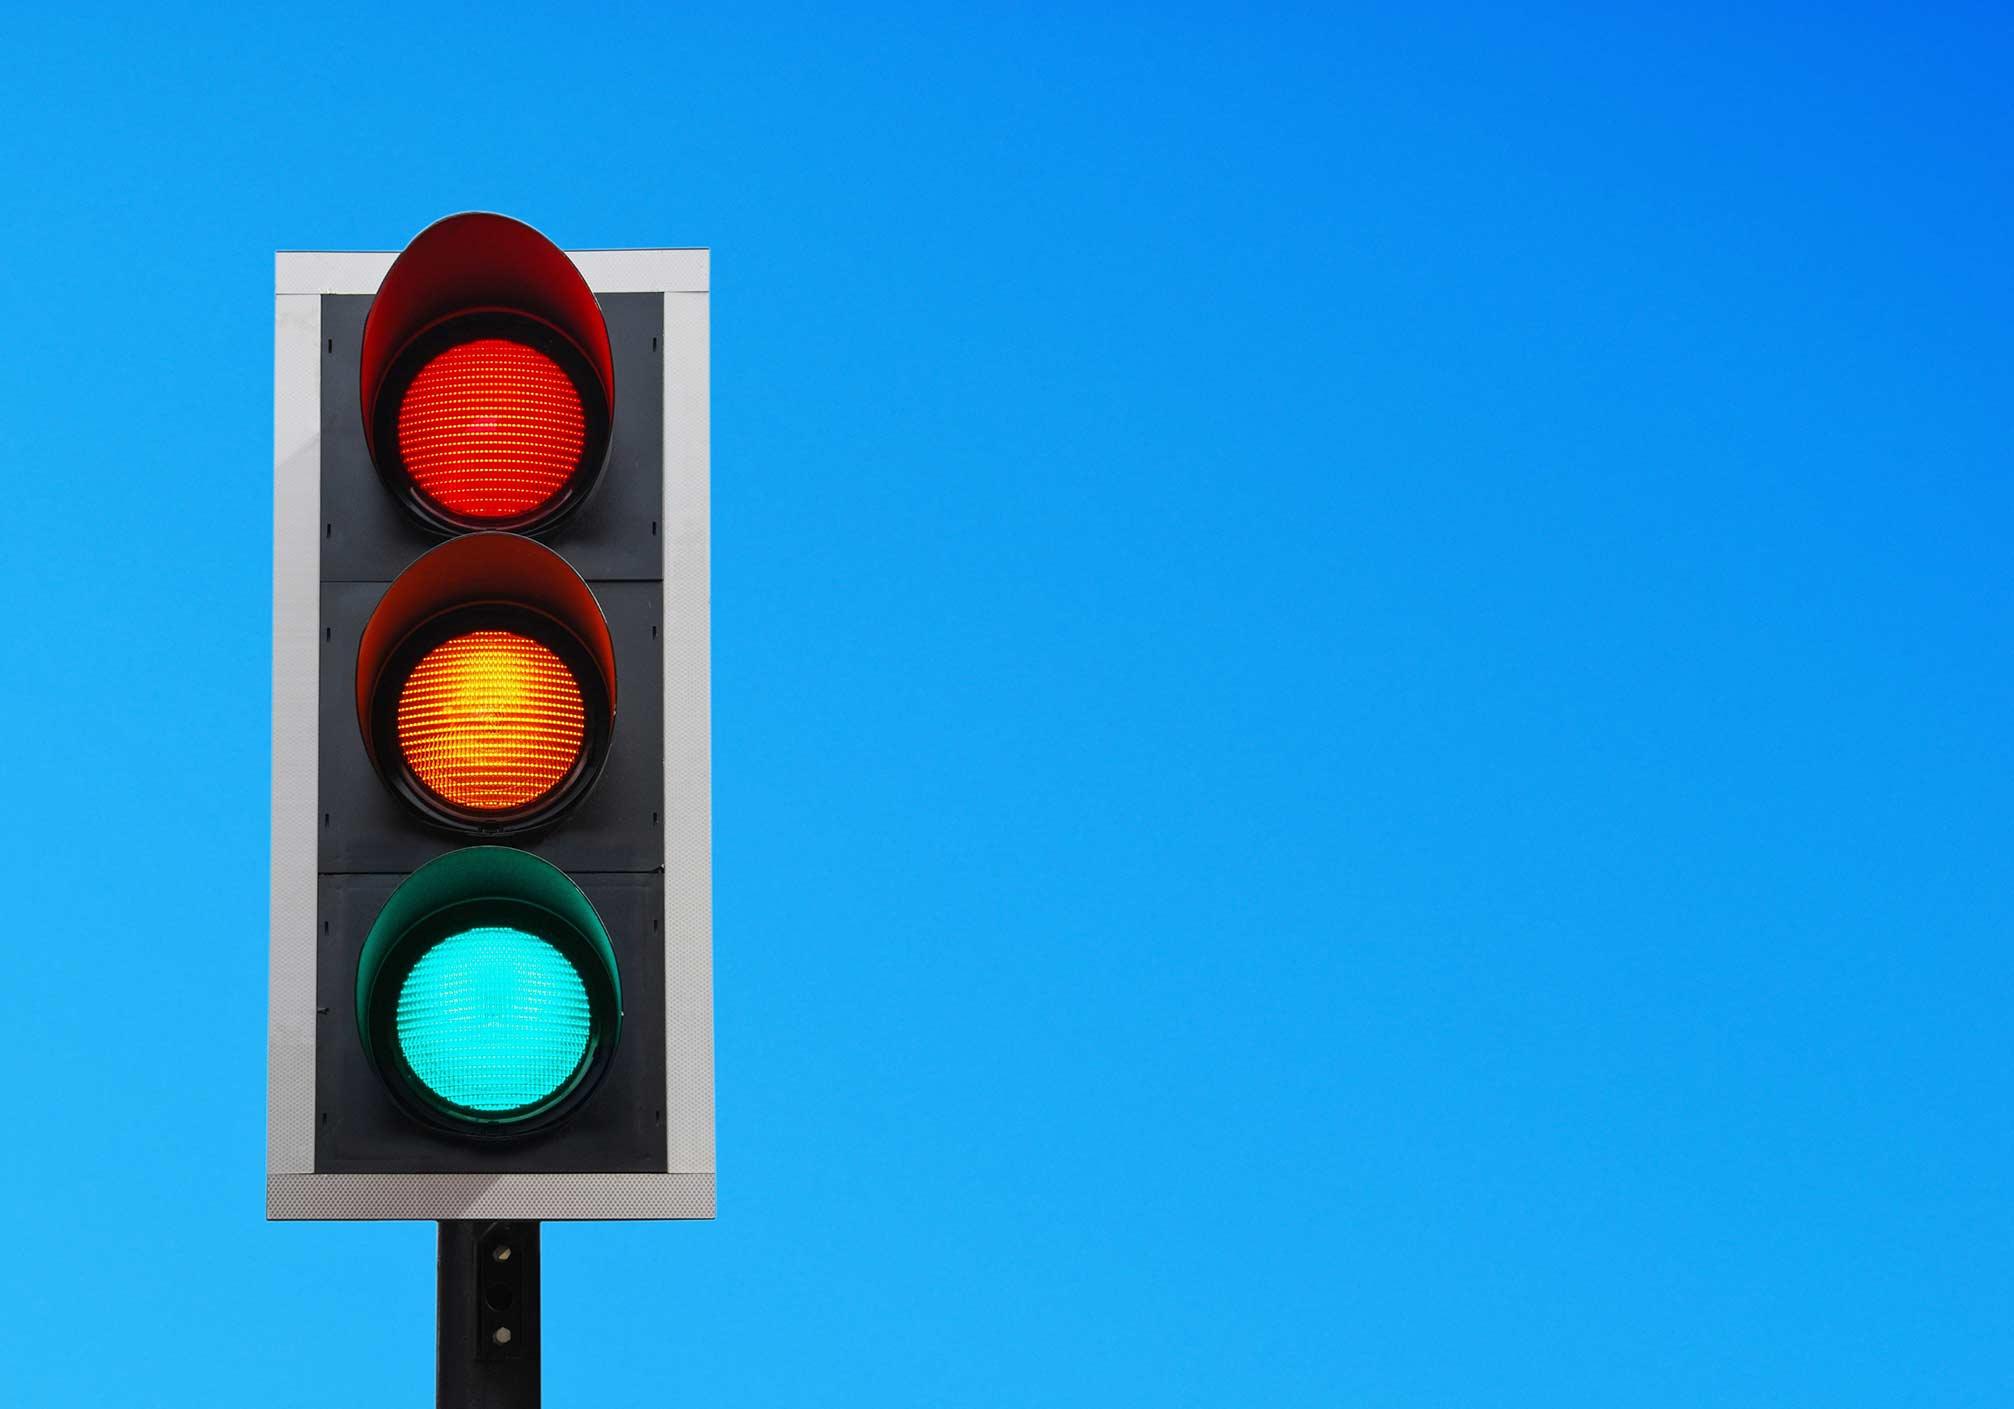 ユニバーサル信号機で実現する安全への合理的配慮。